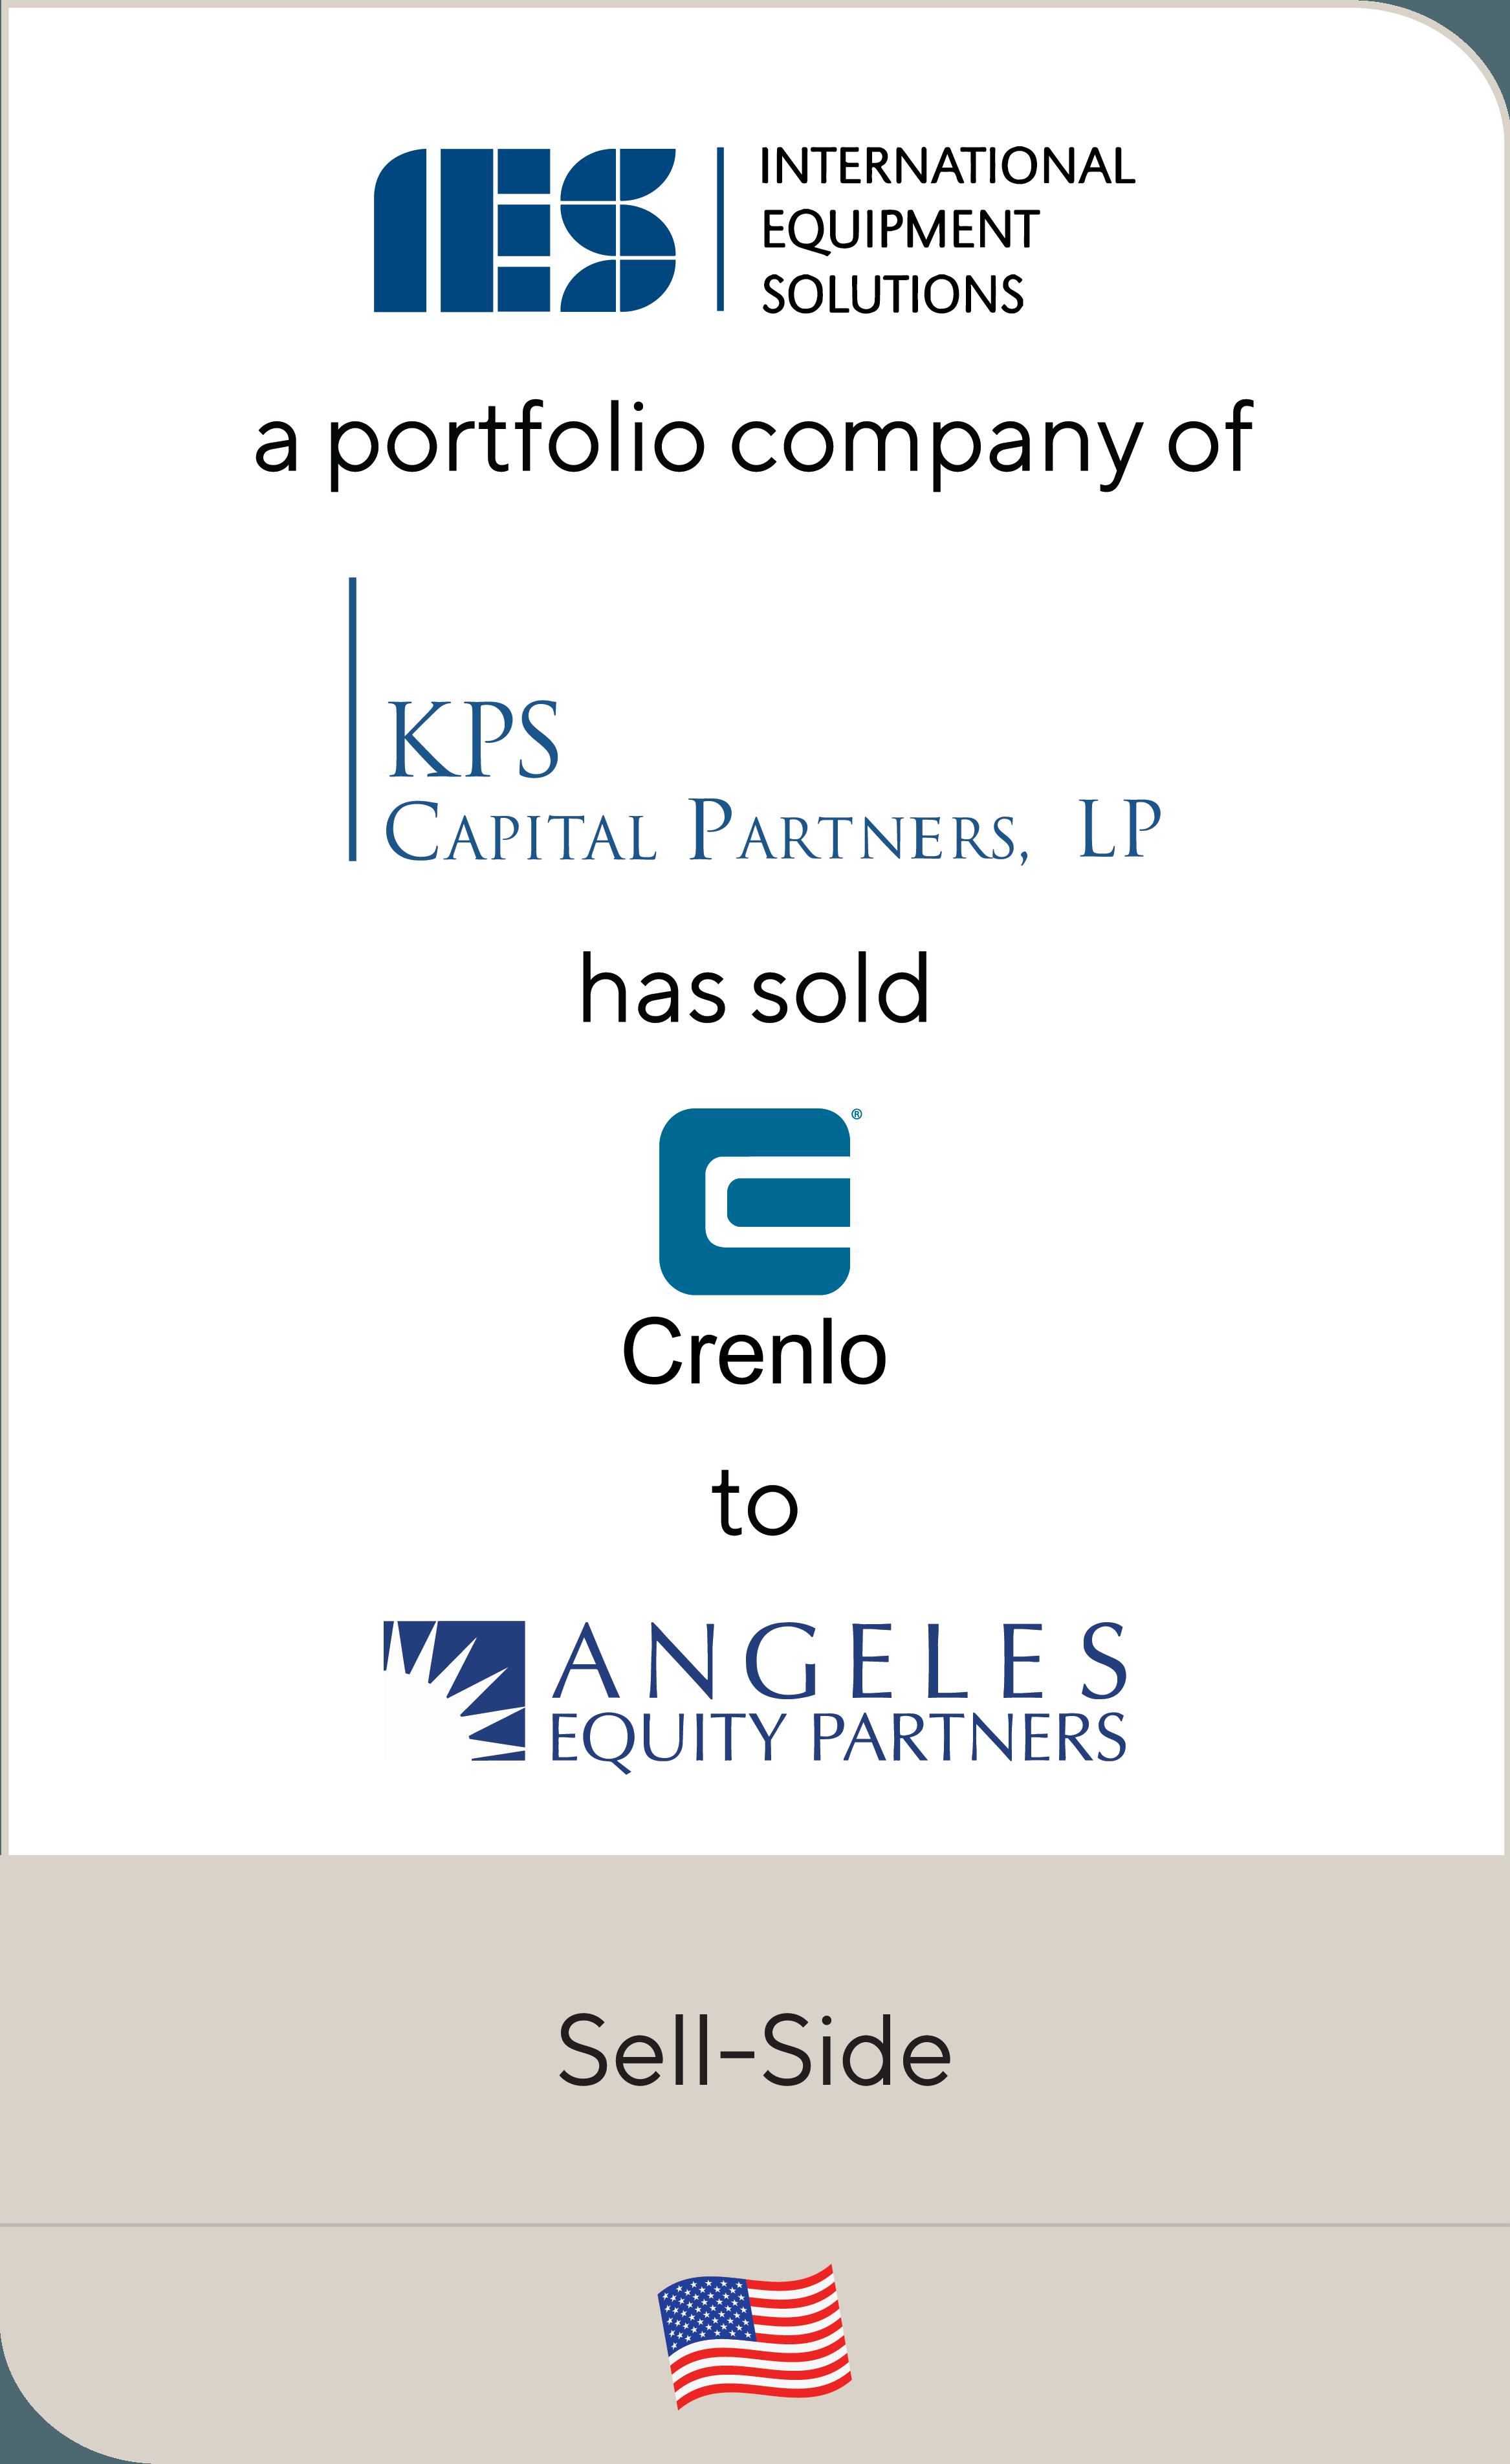 International Equipment Solutions (IES) KPS Capital Partners Crenlo Angeles Equity Partners 2019